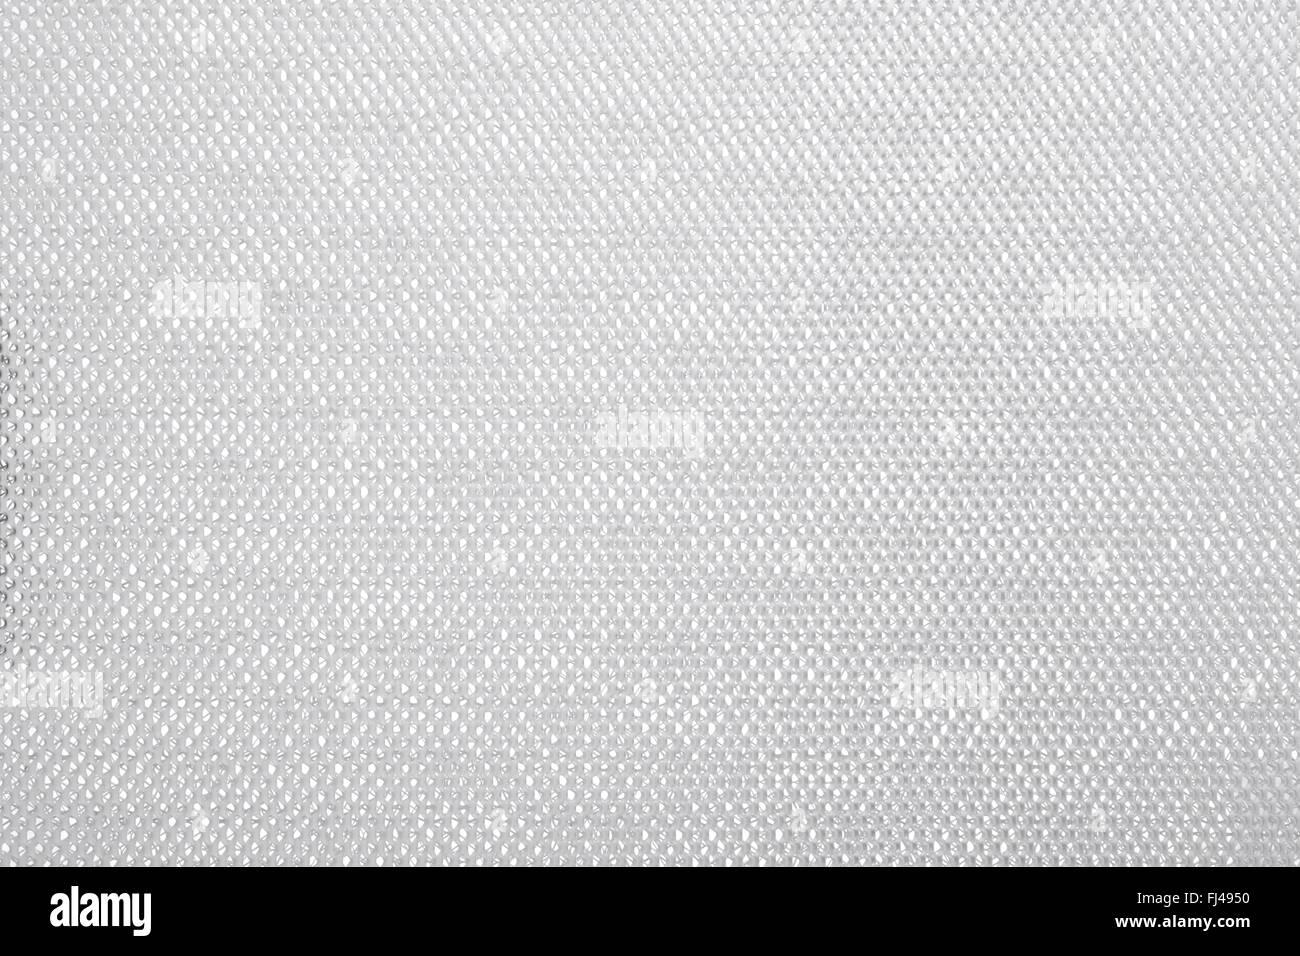 Feines Drahtgeflecht auf weißem Hintergrund Stockbild